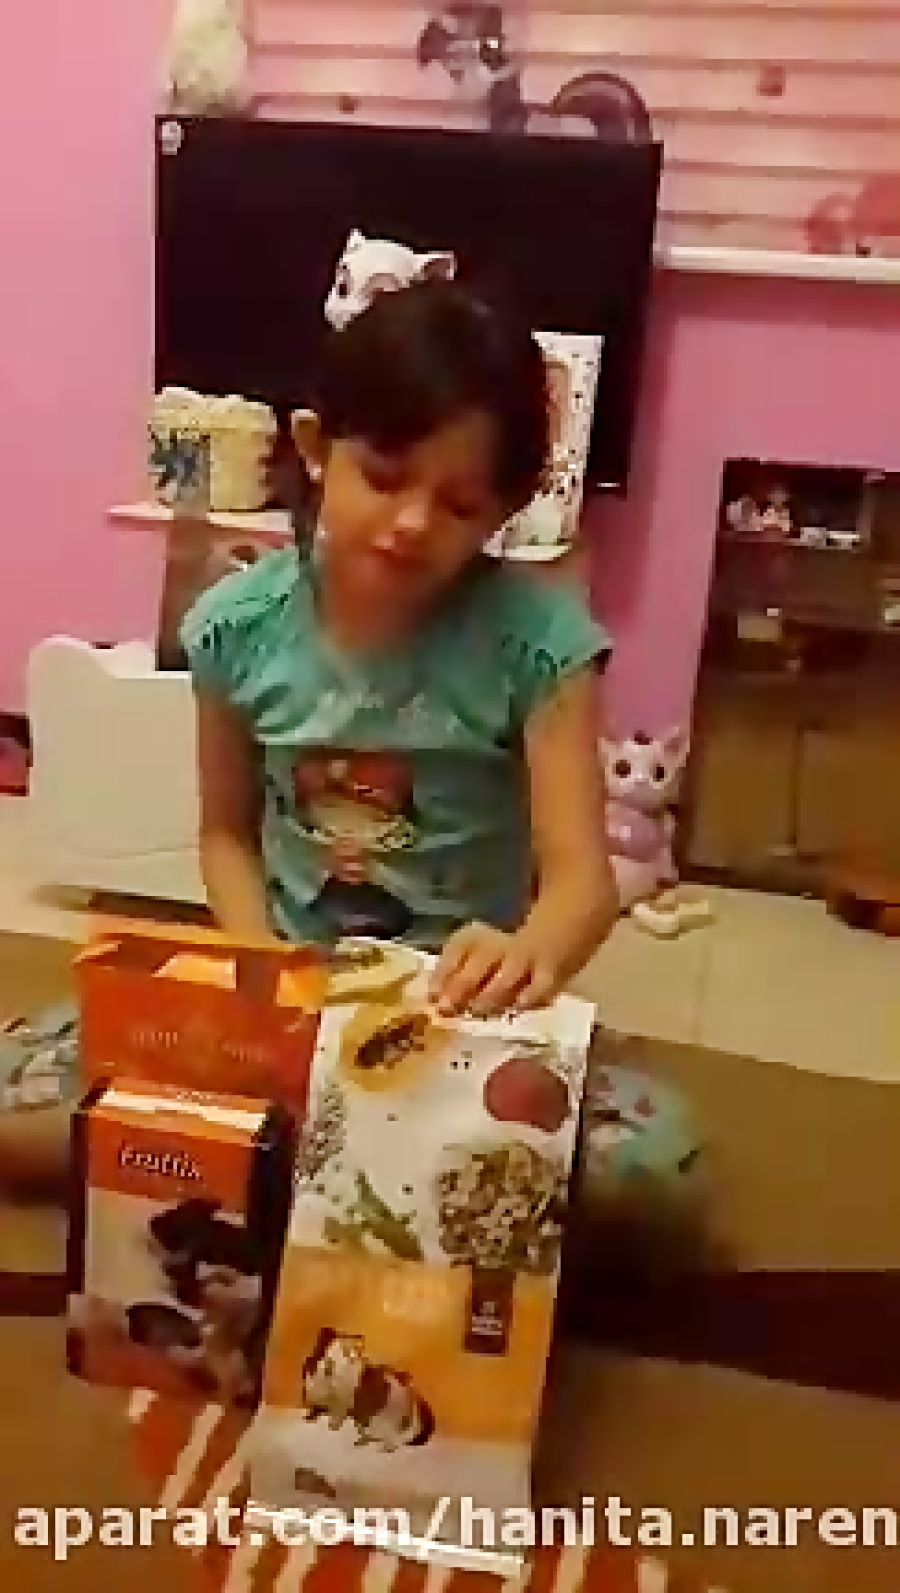 معرفی غذای خوکچه و جوندگان توسط هانیتا